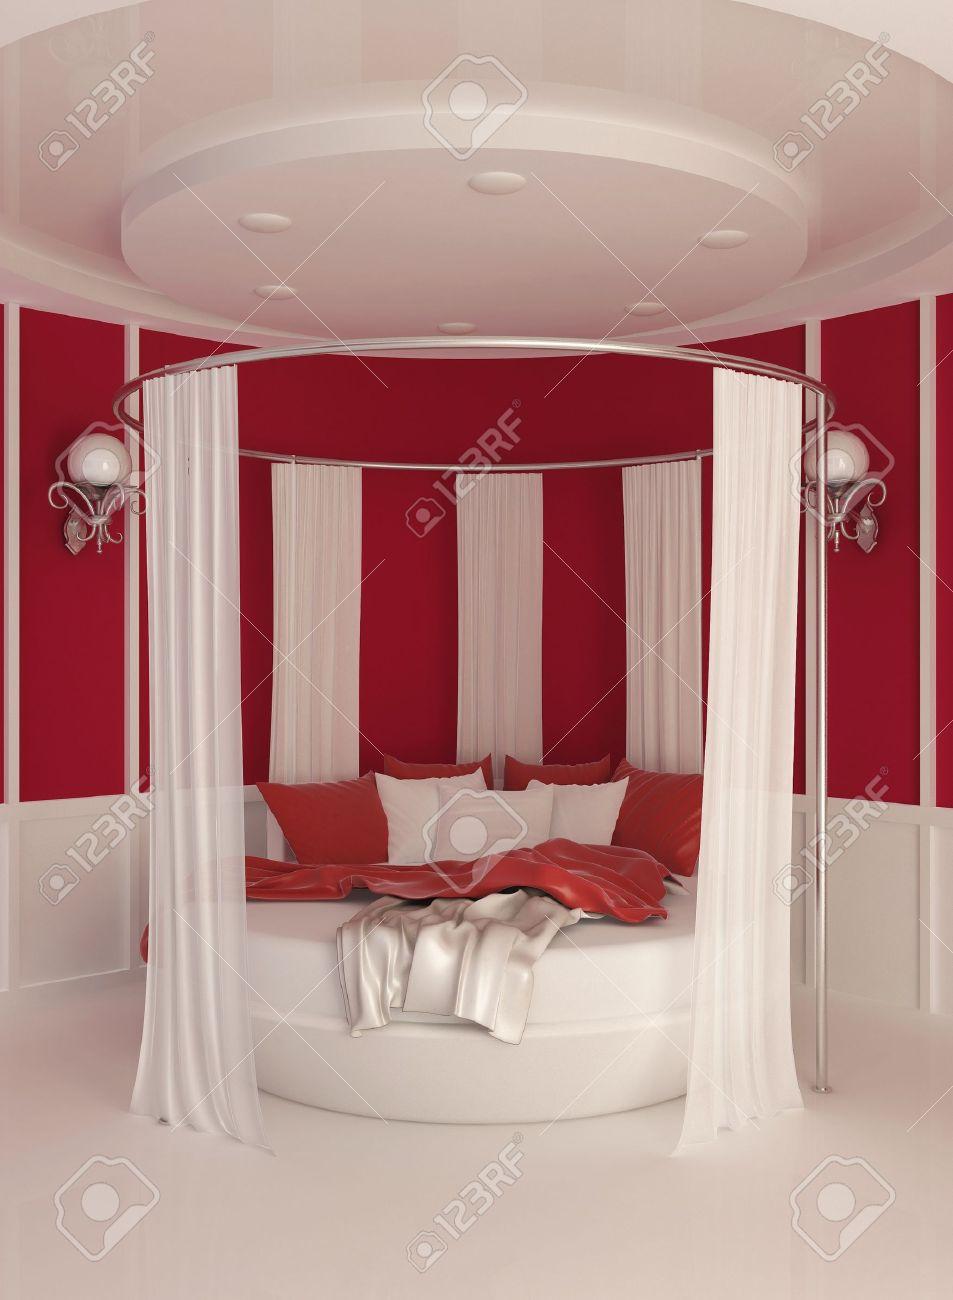 lit rond avec rideau interieur moderne